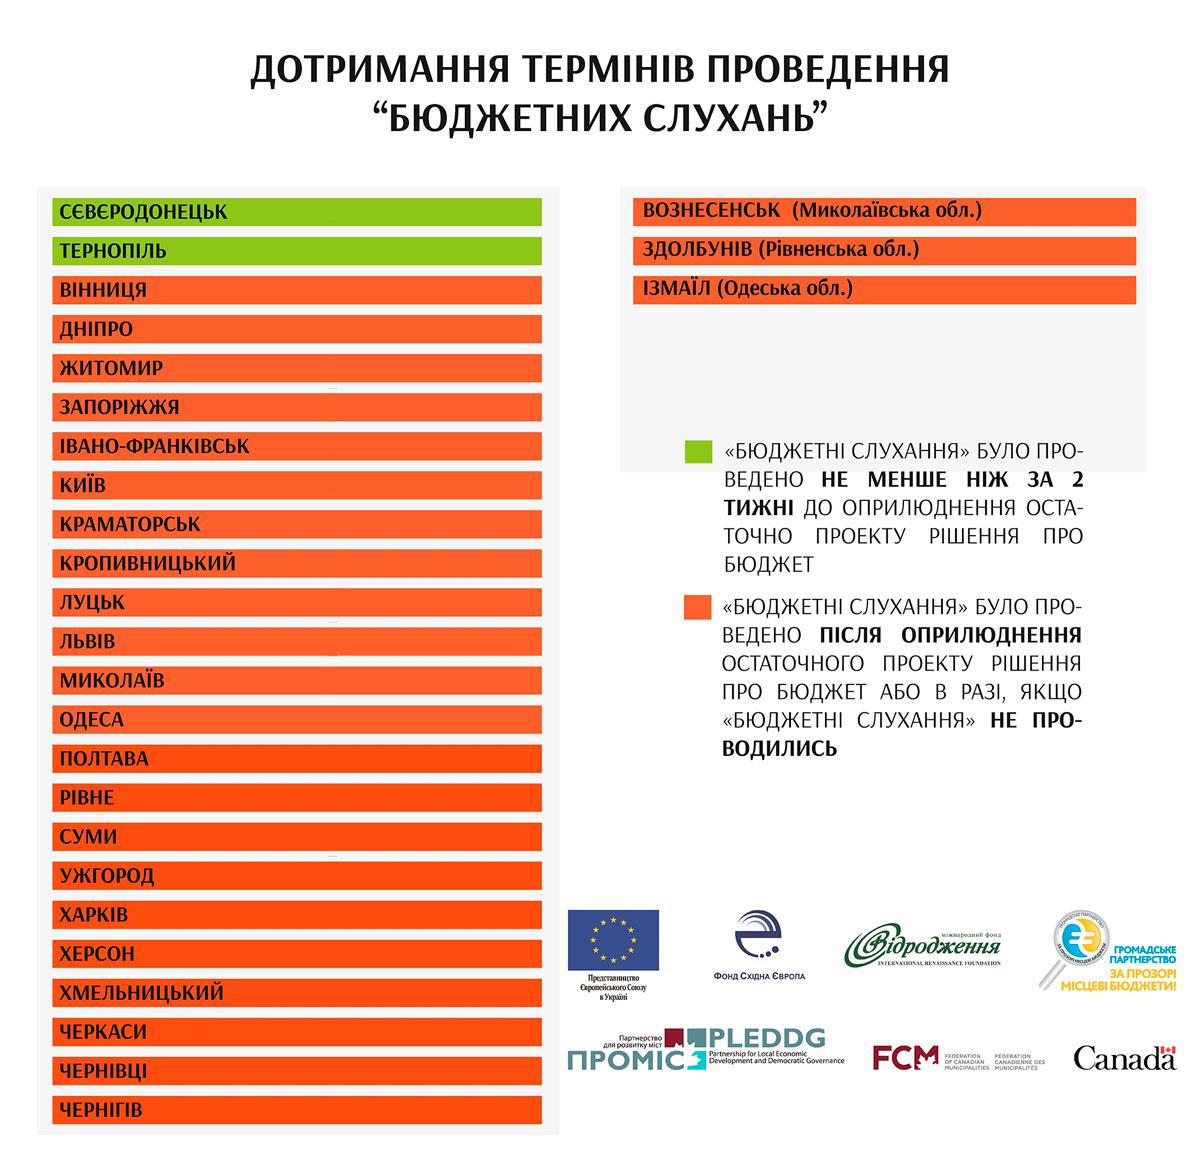 Без Купюр Бюджетний процес Кропивницького 2018 у всеукраїнському рейтингу. ІНФОГРАФІКА Аналiтика  Кропивницький інфографіка бюджетний процес бюджет